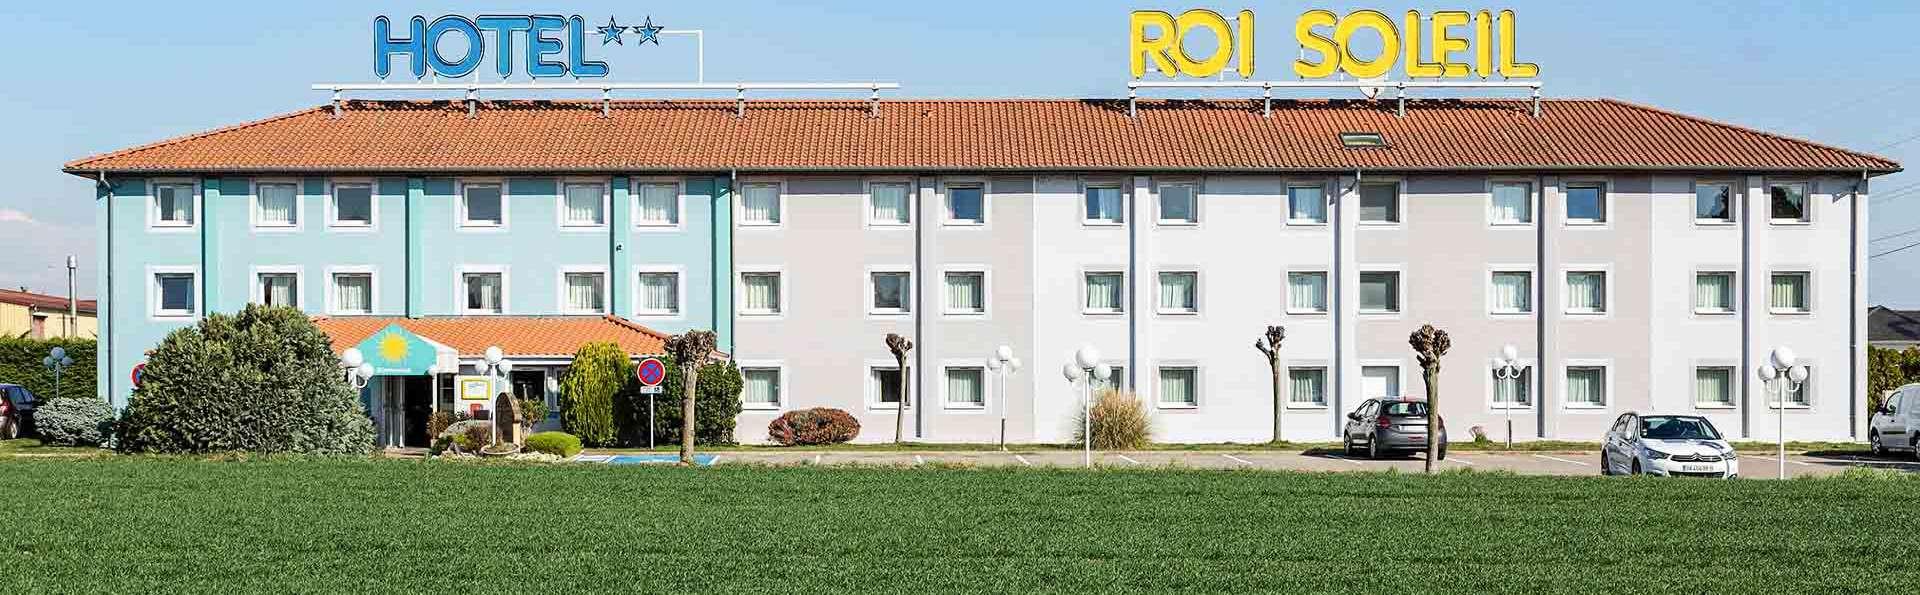 Hôtel Roi Soleil Mulhouse Sausheim - EDIT_Facade_02.jpg